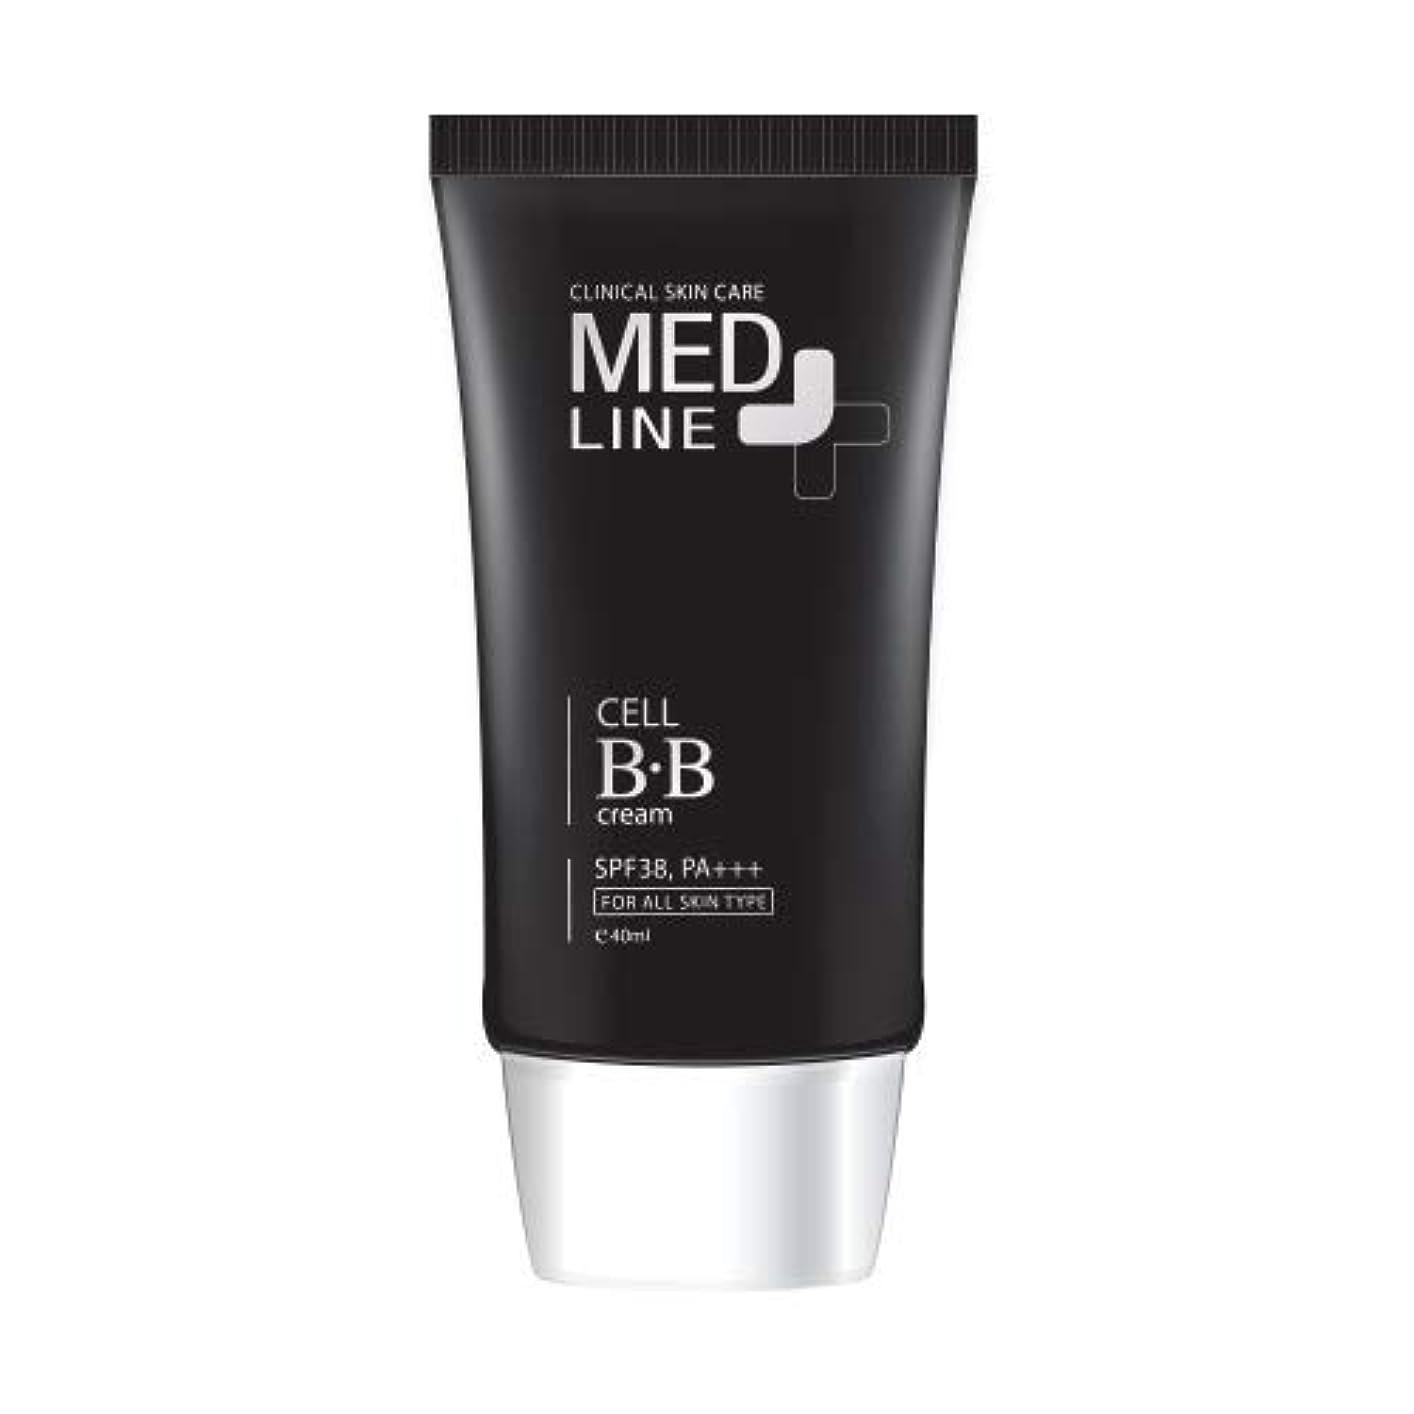 伝統拡声器尊敬するメドライン(Med Line) セルBBクリーム(Cell B.B Cream)